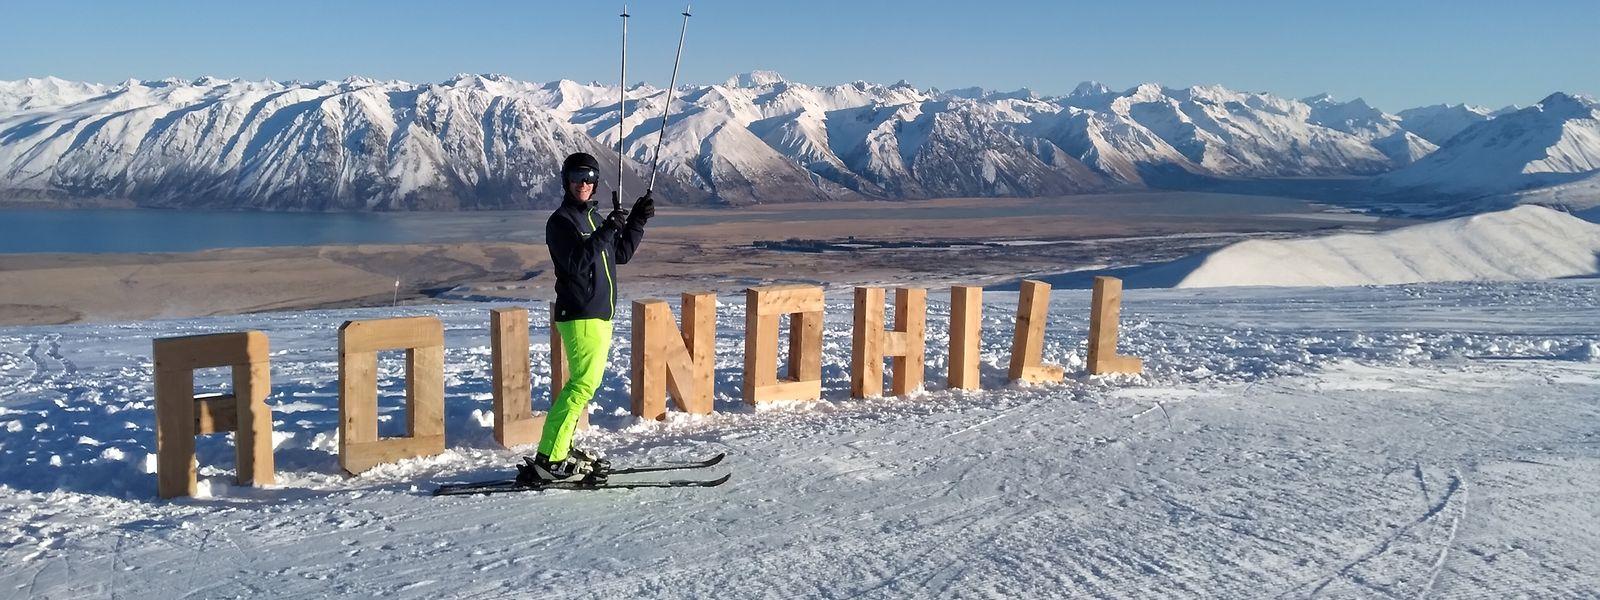 Ungewöhnliche Kulisse: Autor Matthias Stadler im Skigebiet Roundhill mit Blick auf den Lake Tekapo und die neuseeländischen Alpen. ⋌